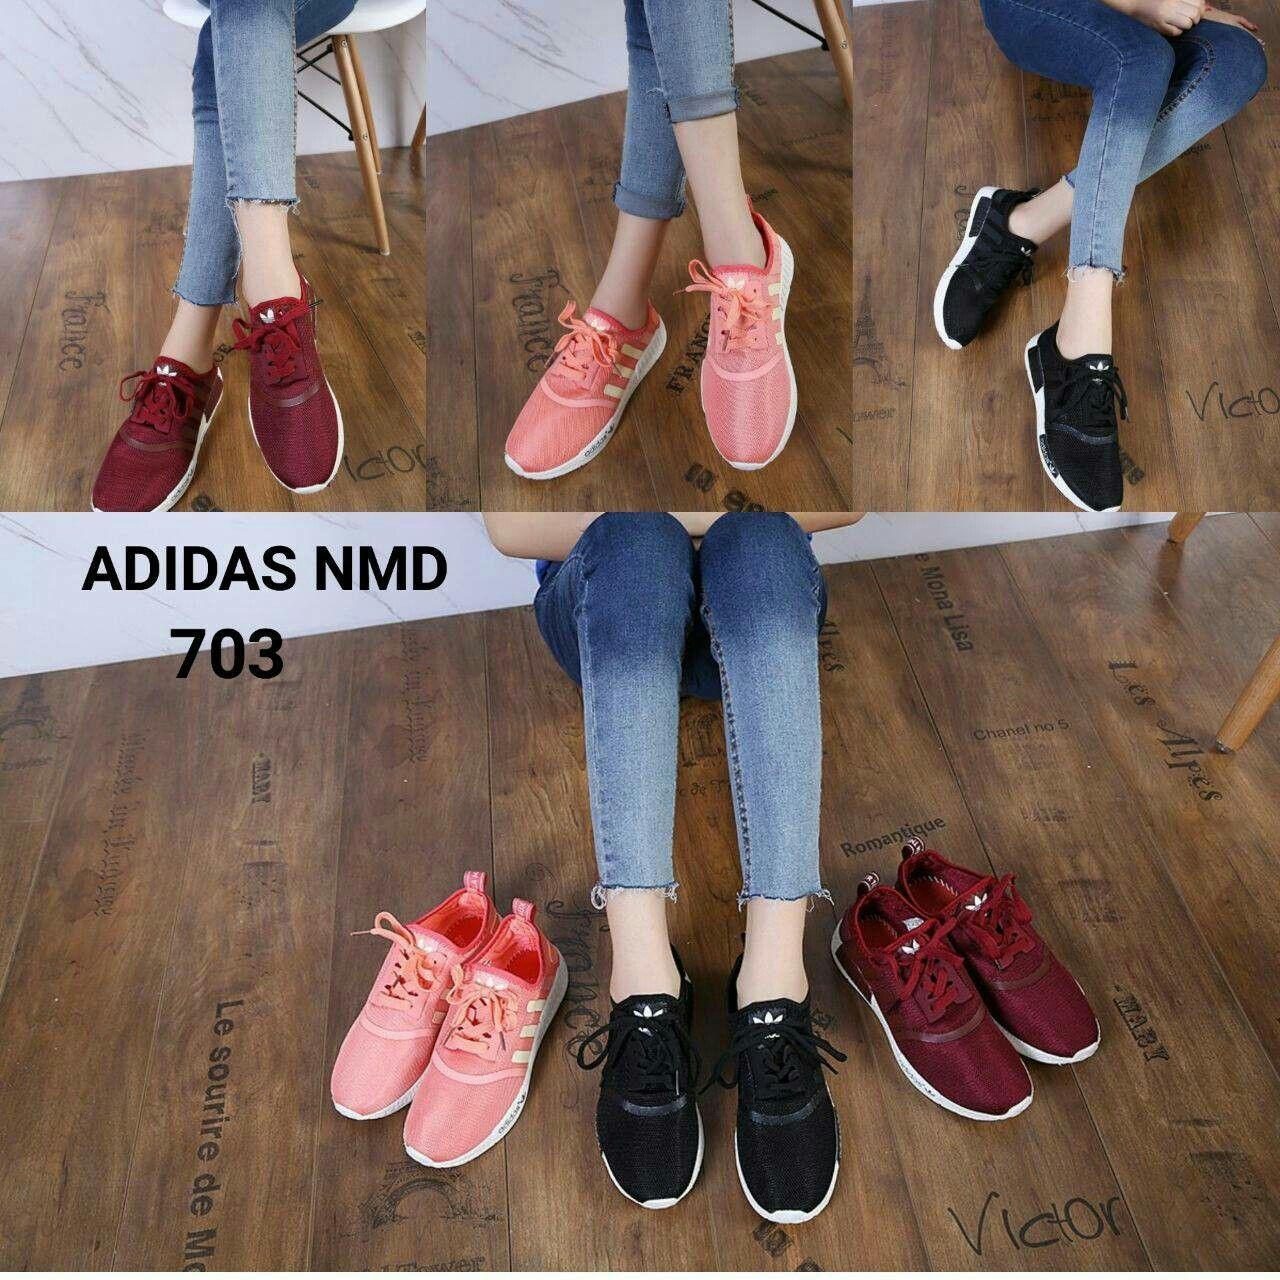 Adidas Nmd 703 Kualitas Semi Platinium Insole 36 22cm 37 22